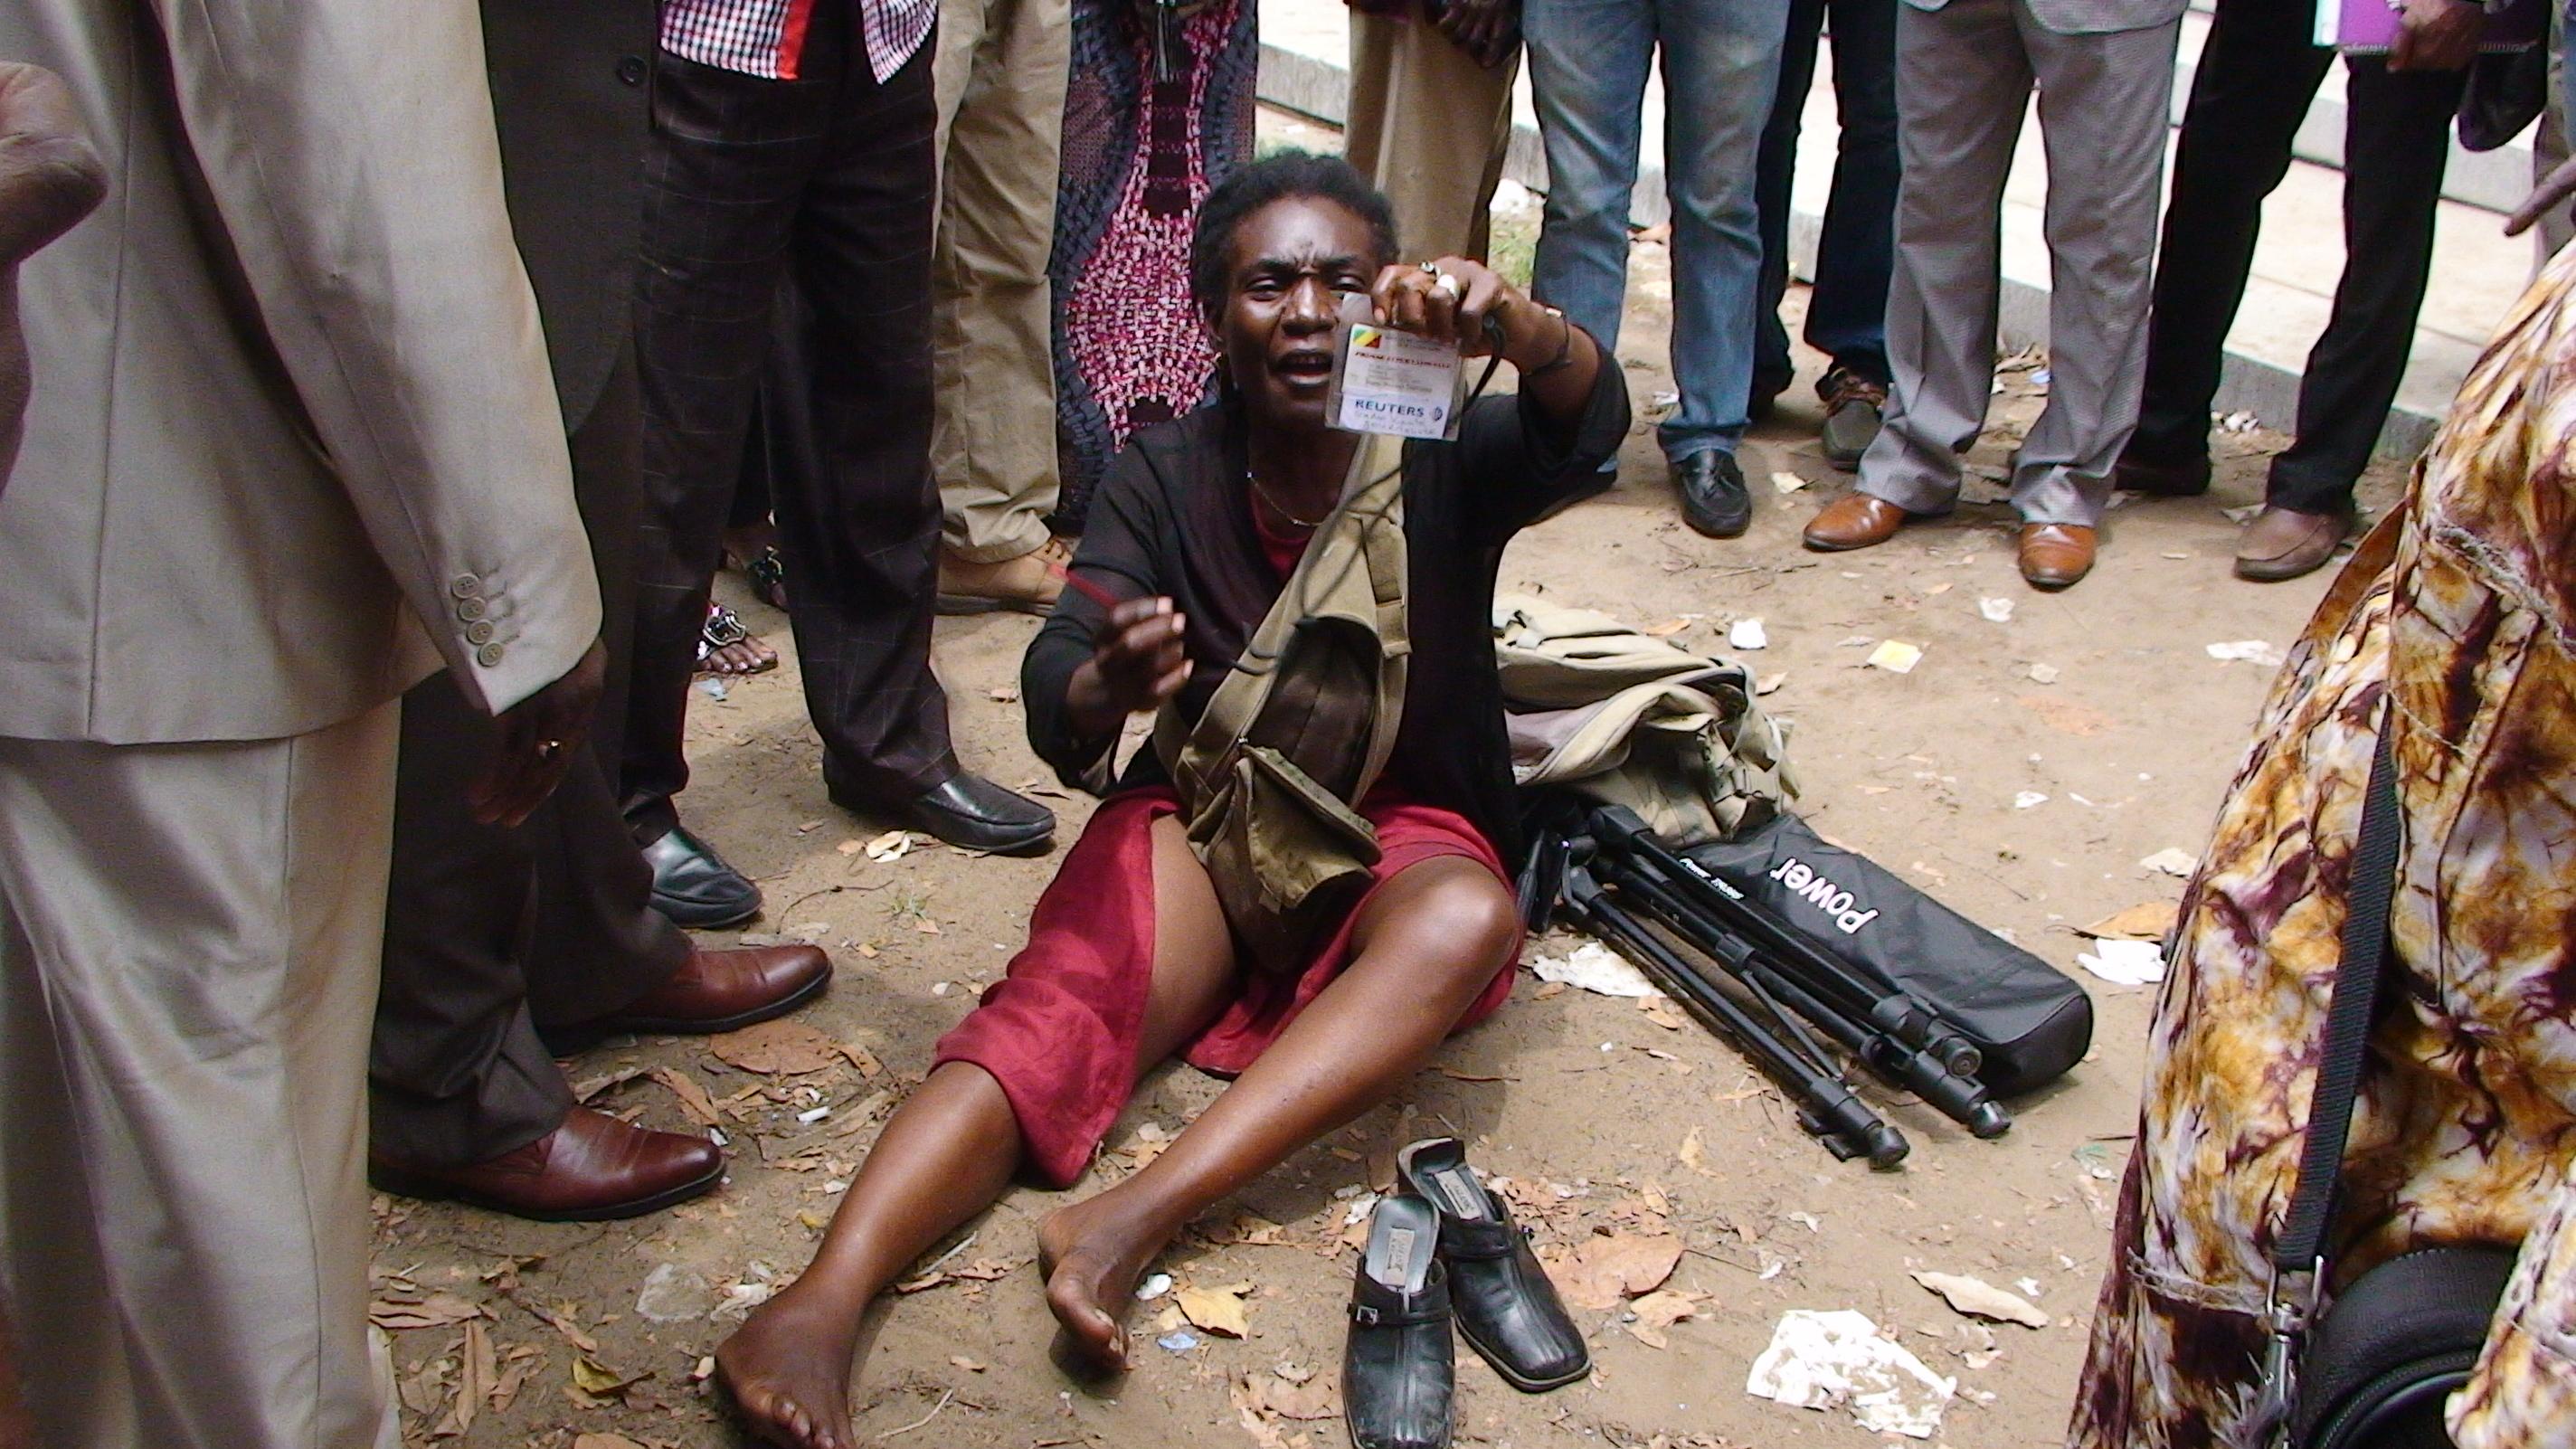 Sadio Kanté, tabassée par la police le 16 décembre 2013 à Brazzaville [Photo tirée de francaisdeletranger.org]